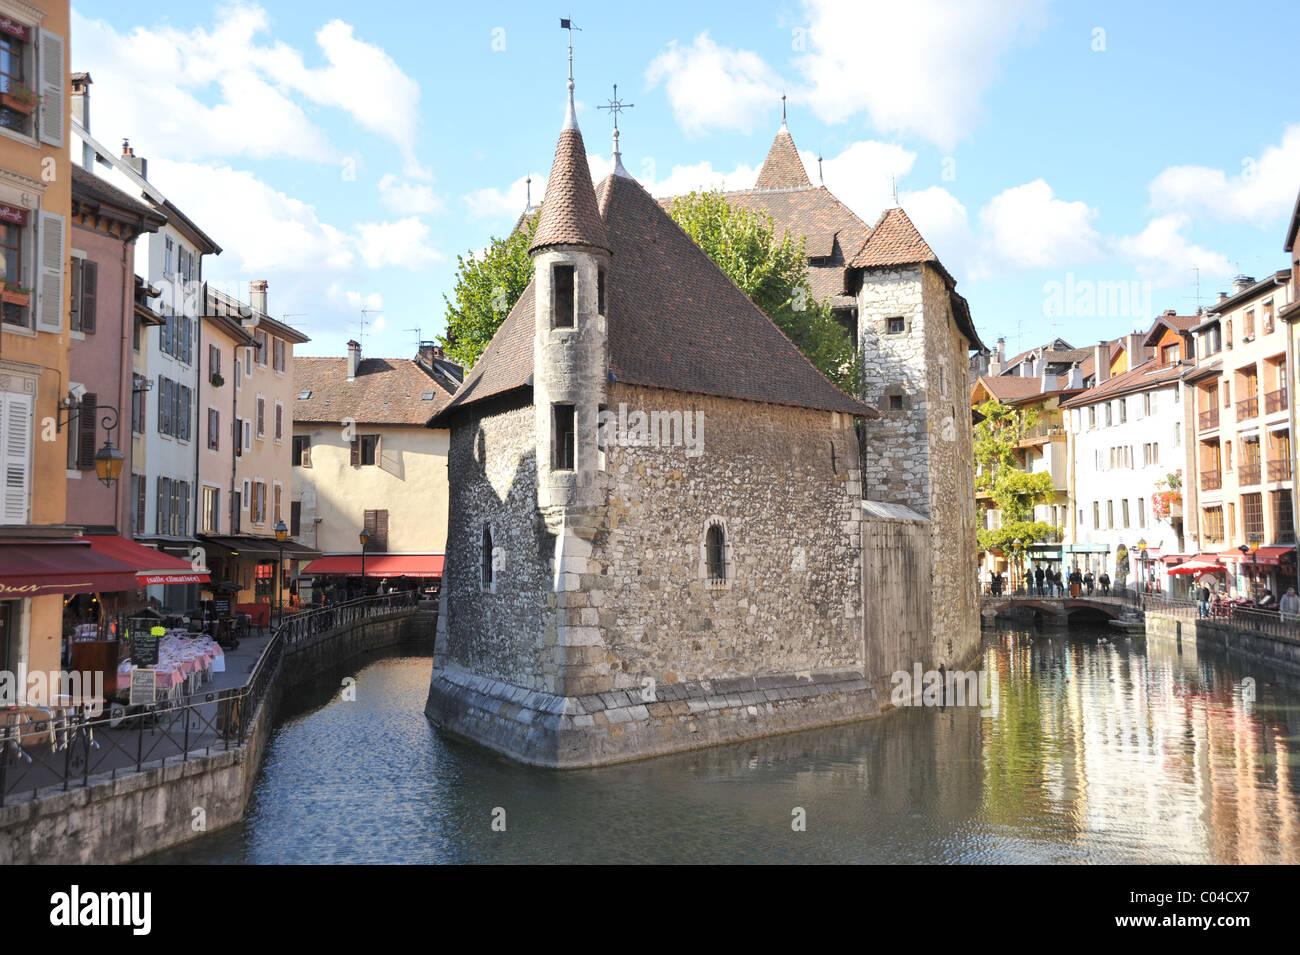 PALAIS DE L ILE, QUAI DES V PRISONS, Annecy, Haute Savoie, France - Stock Image